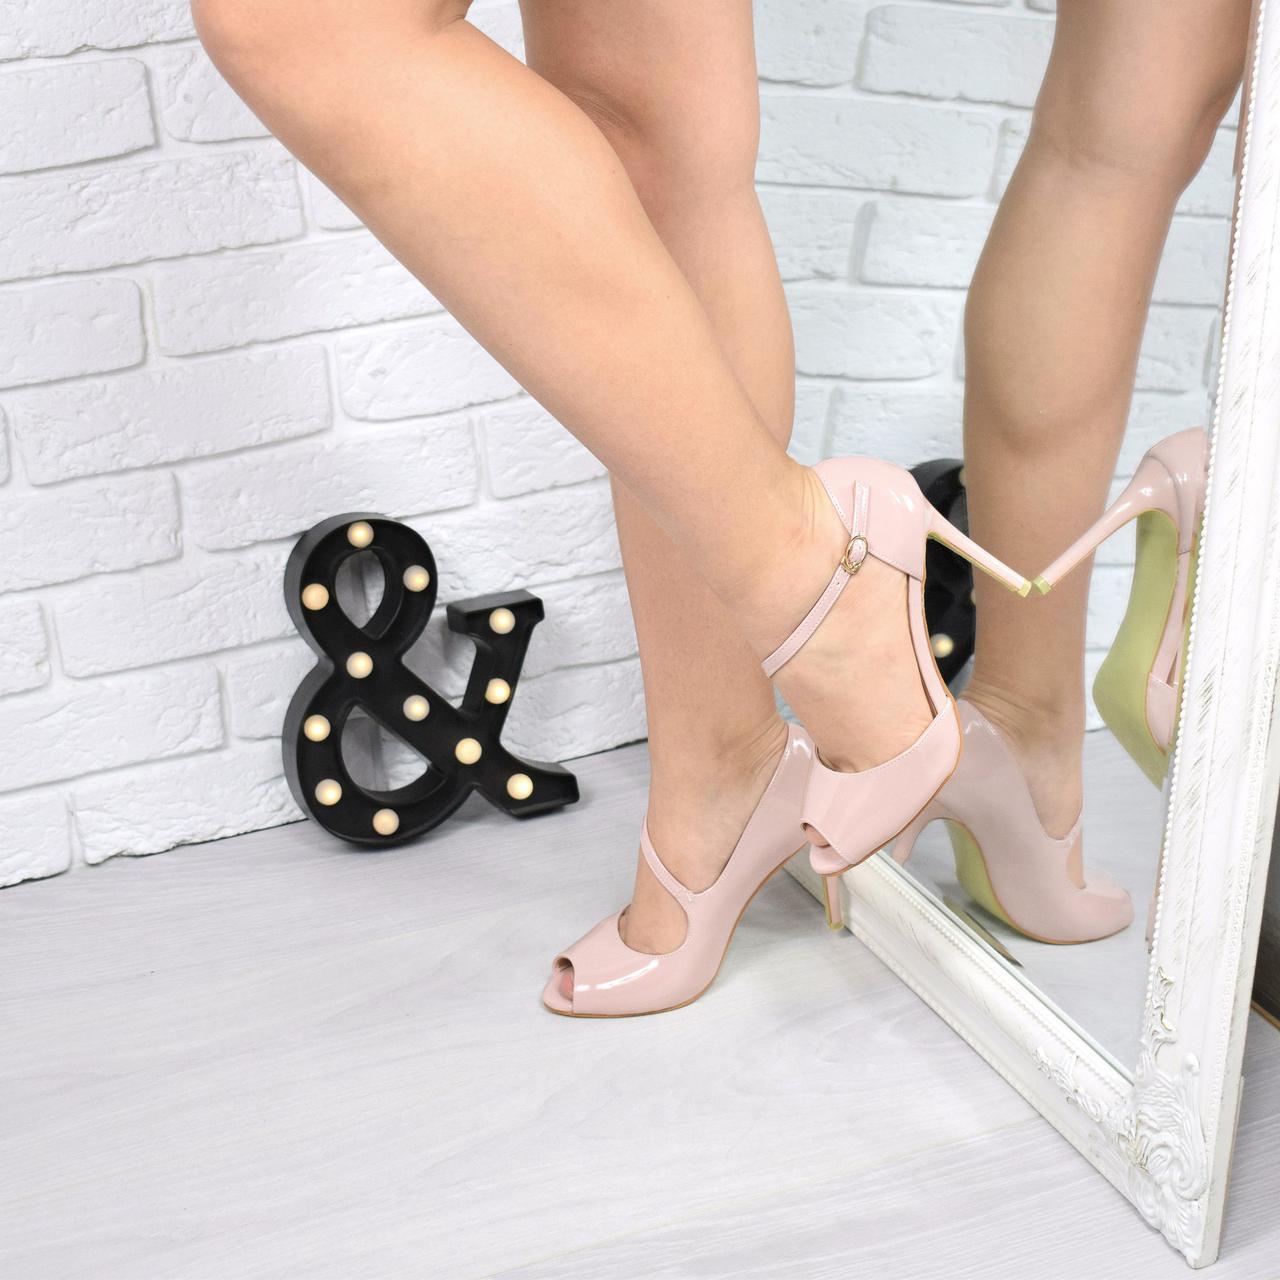 e724d95edab0 Туфли женские лодочки Vinex пудра лак , женские туфли на каблуке ...